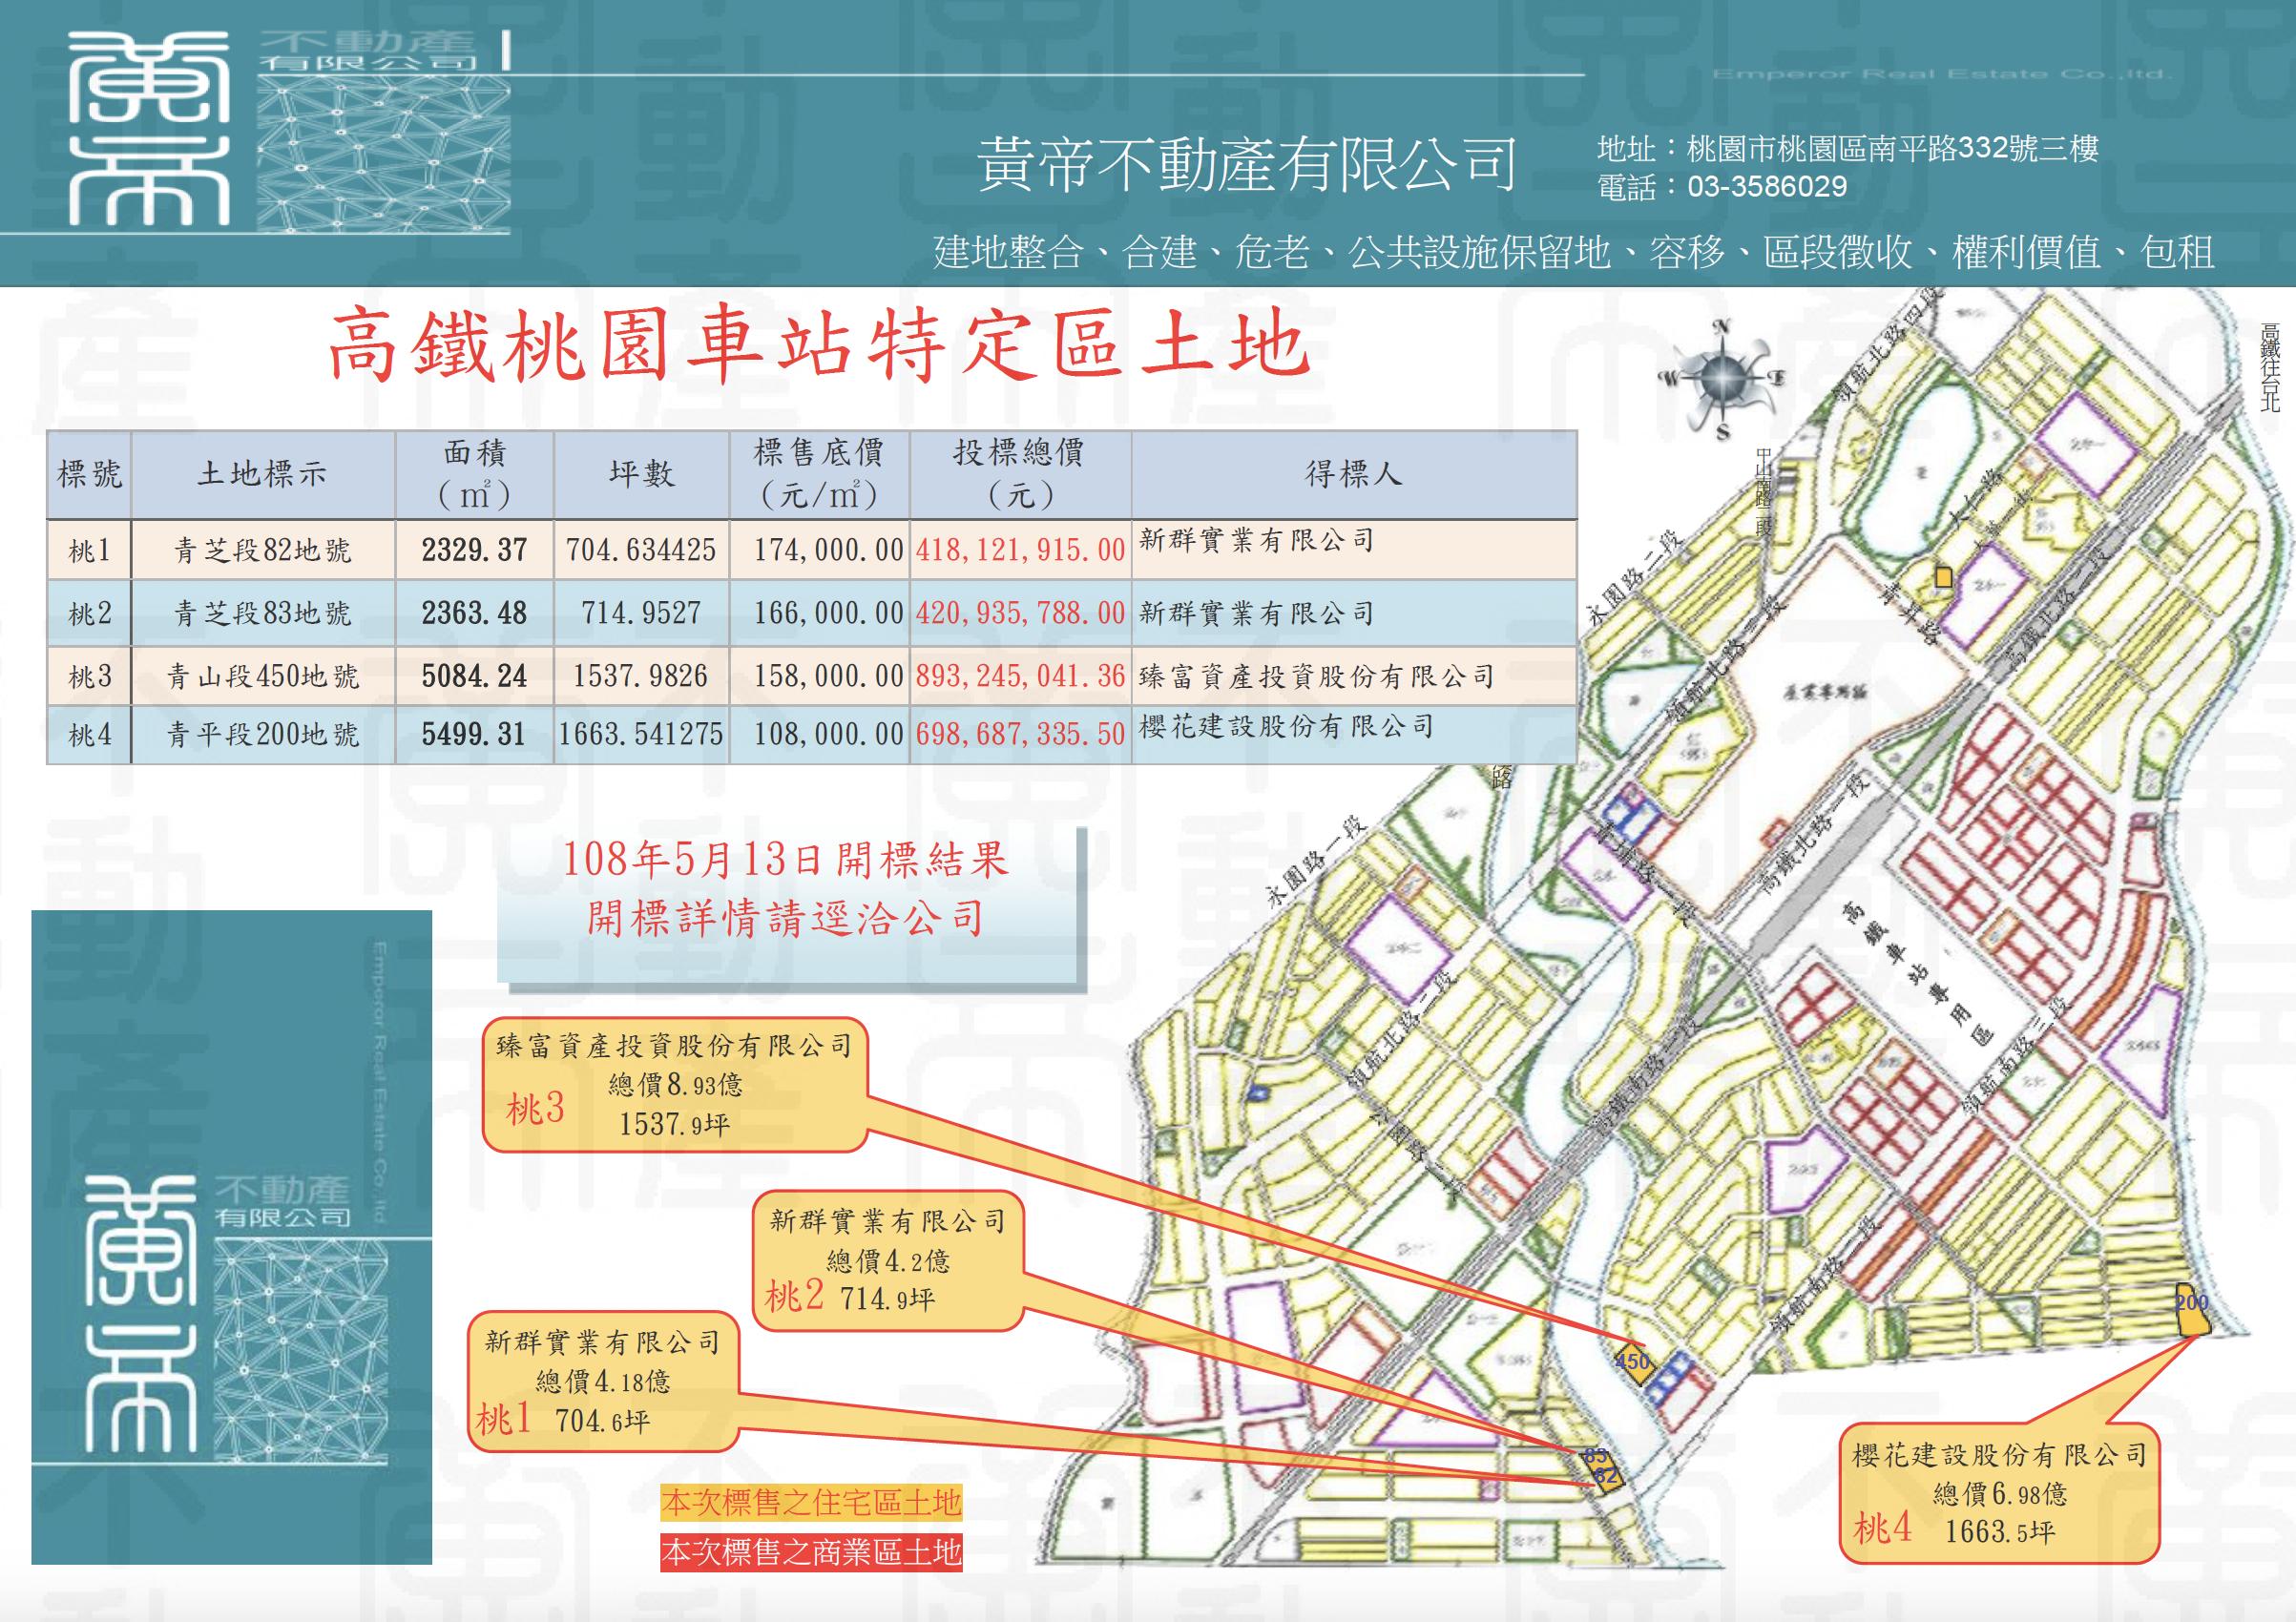 2019-05-13 高鐵桃園車站特定區土地-開標資料(黃帝不動產).png